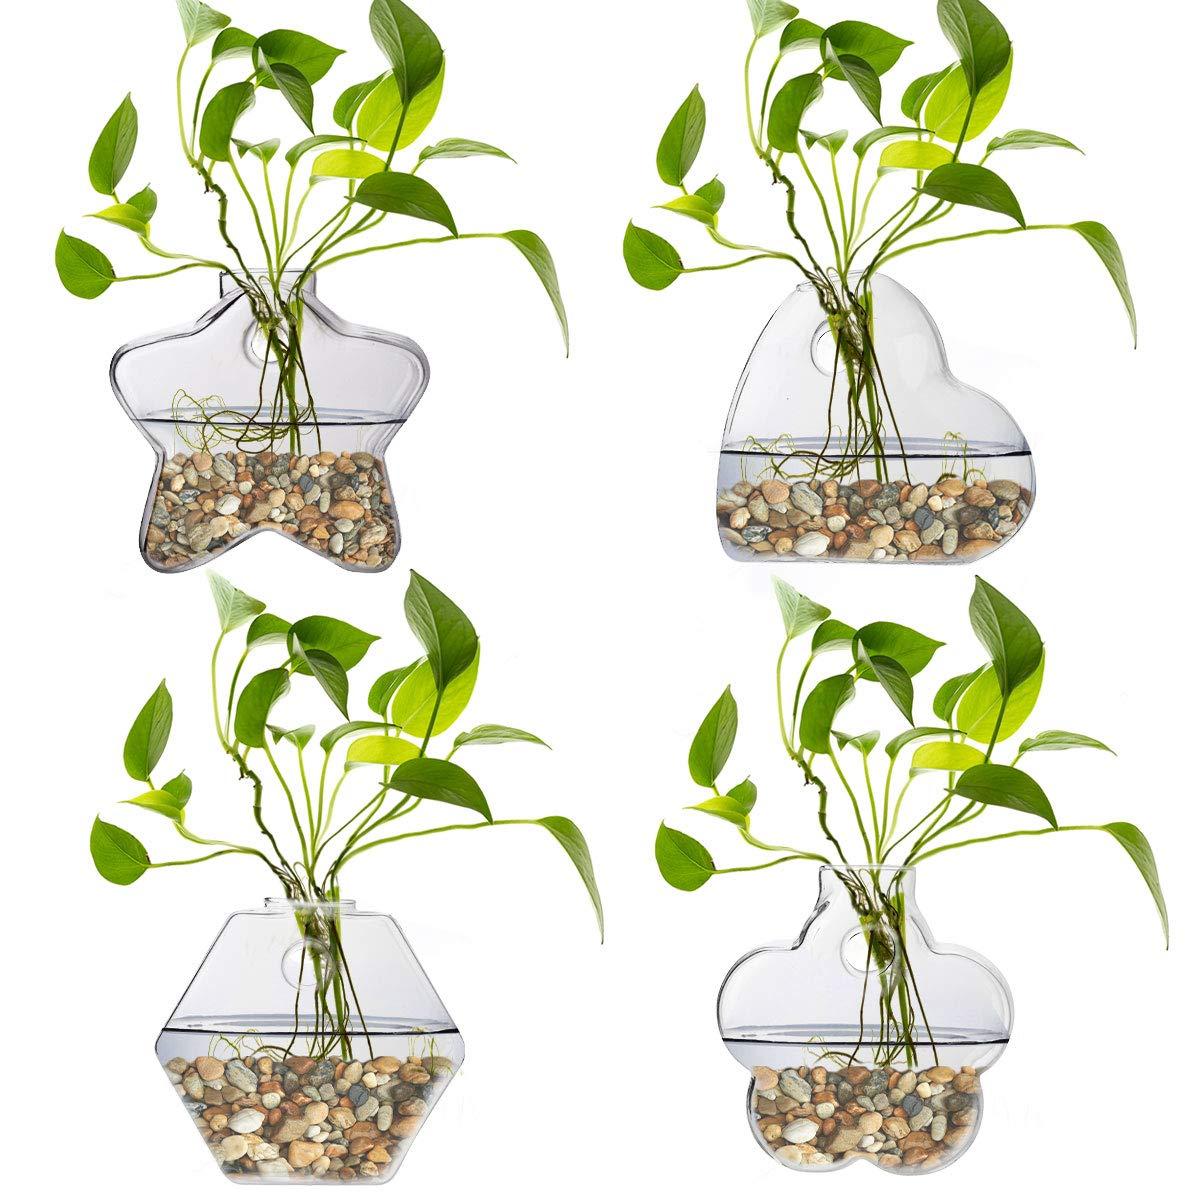 Hydroponics Plant Holders